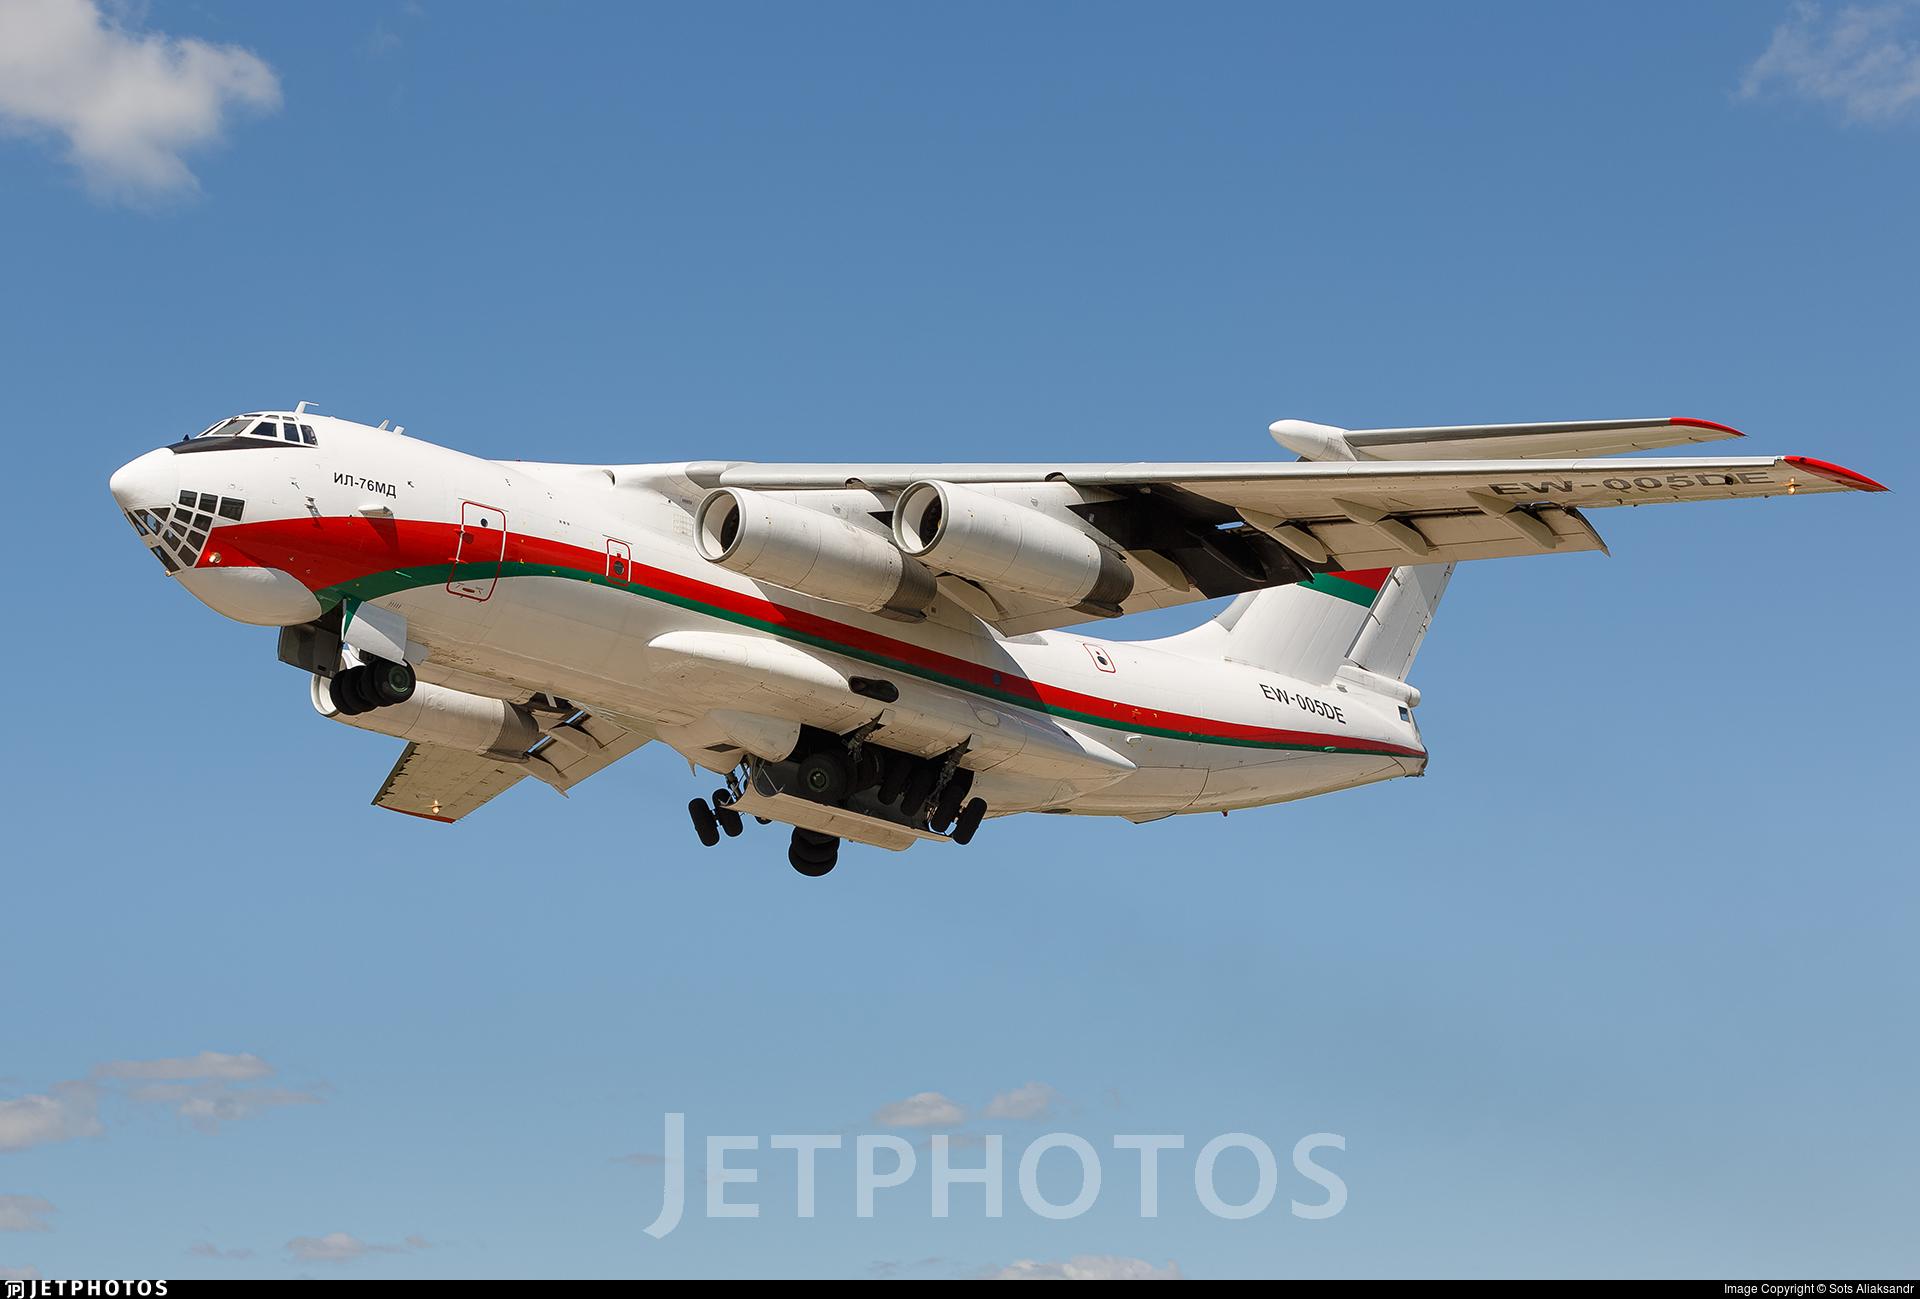 EW-005DE - Ilyushin IL-76MD - Belarus - Air Force